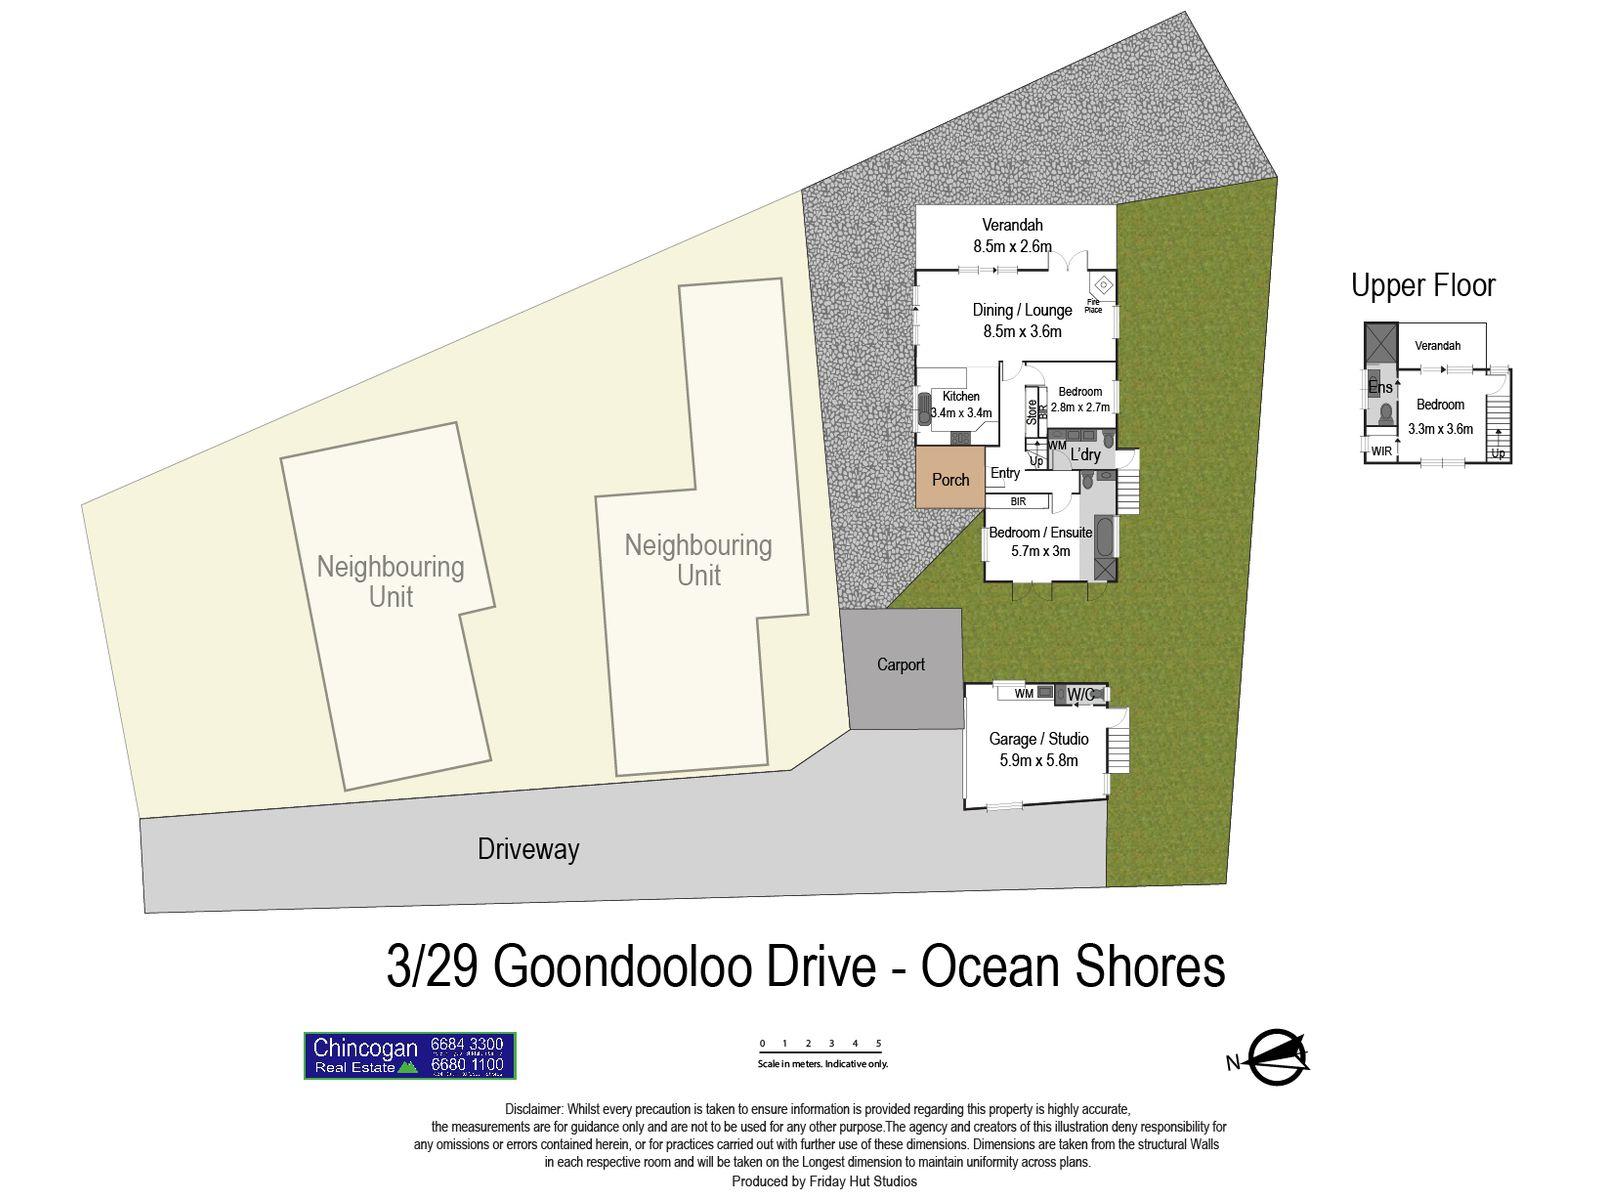 3 / 29 Goondooloo Drive, Ocean Shores